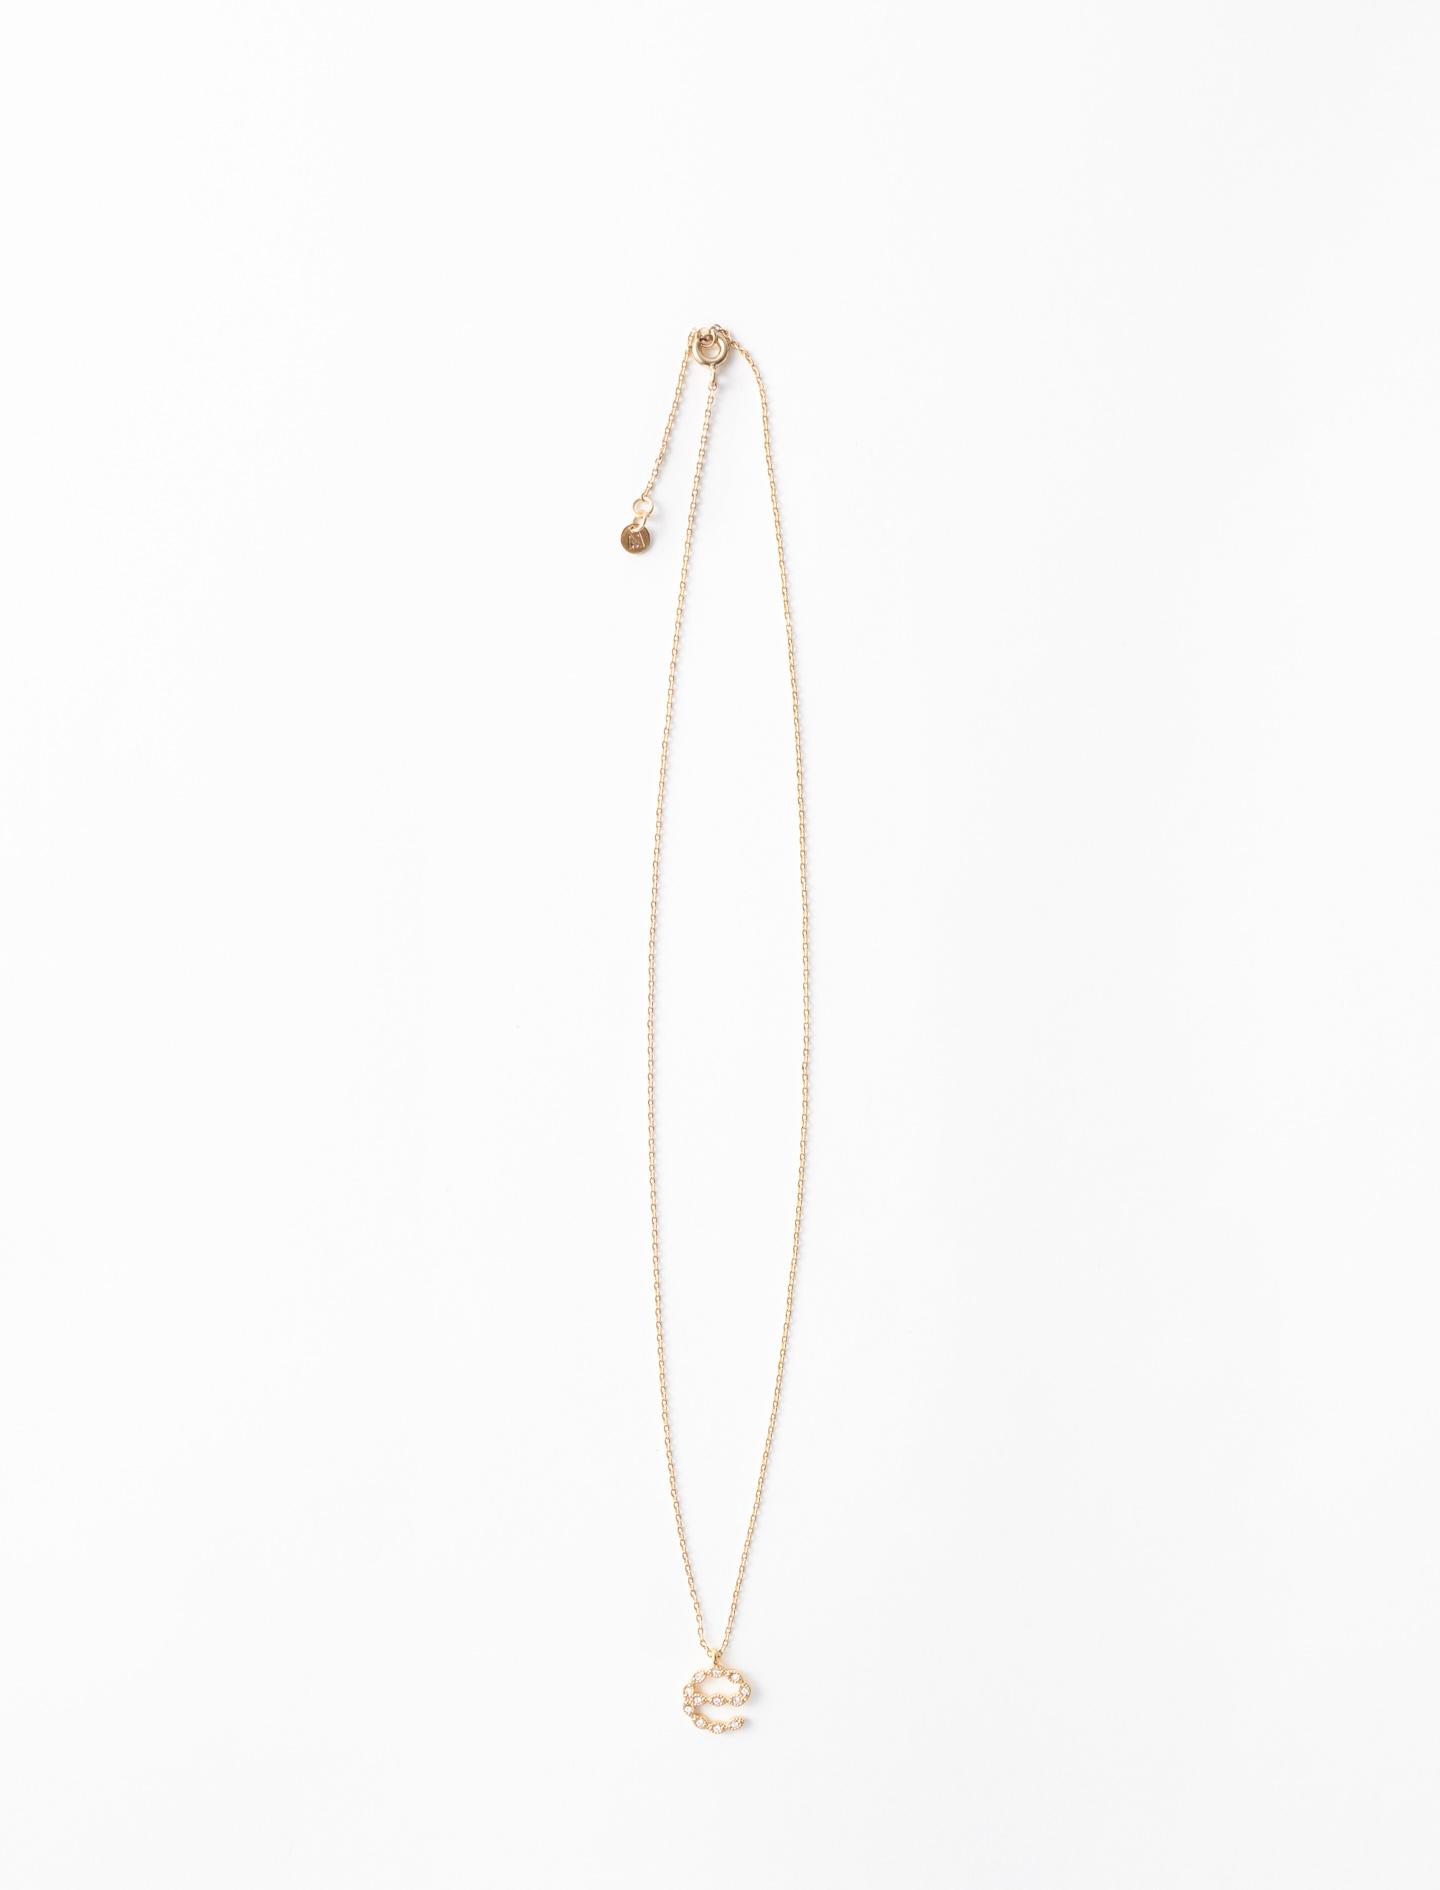 Rhinestone E necklace - Gold